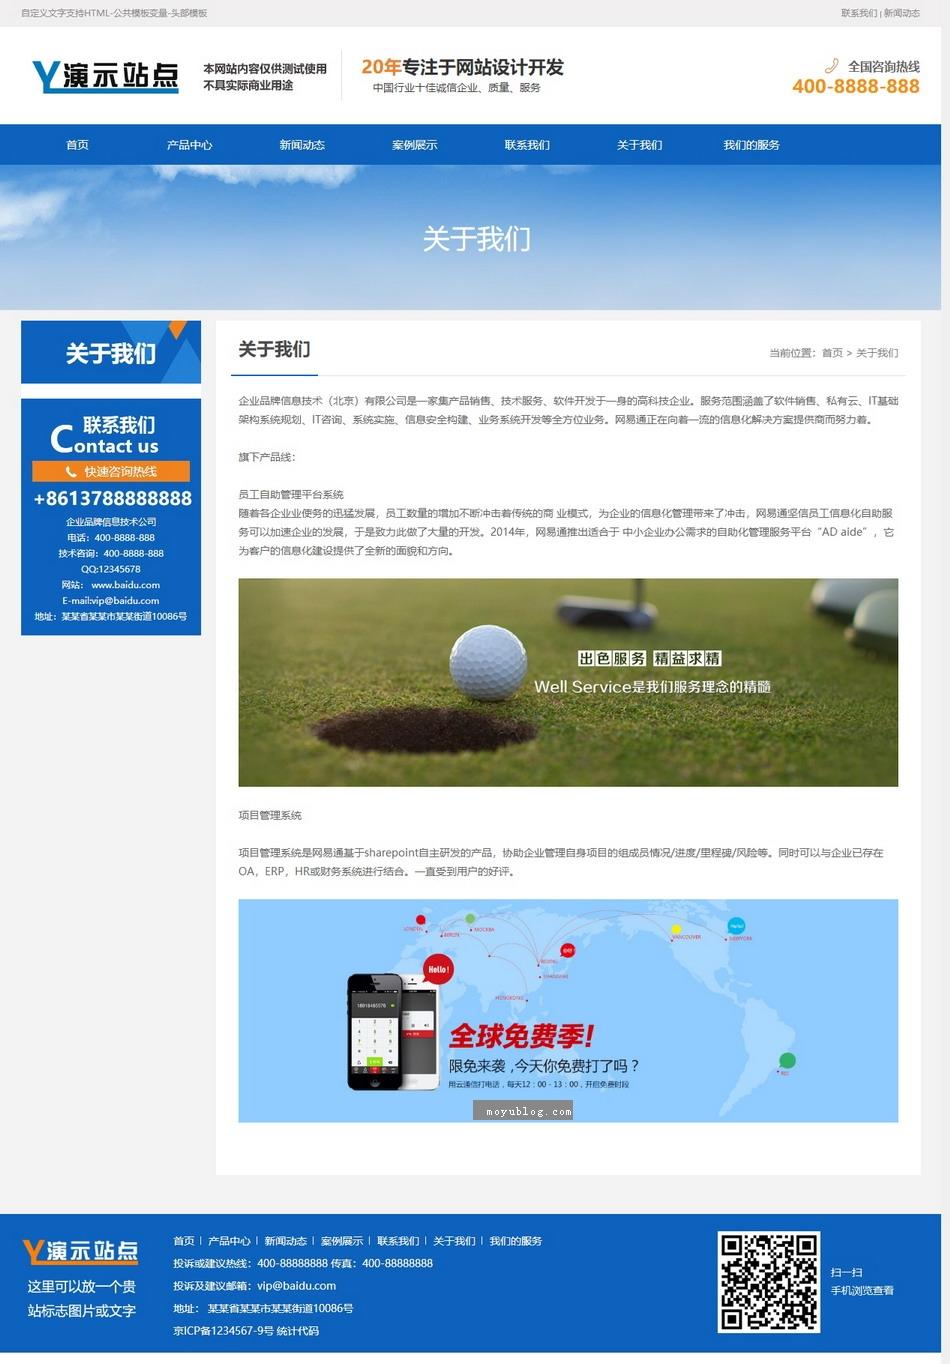 企业公司产品商品展示案例新闻HTML5自适应手机帝国CMS网站模板 帝国CMS网站模板 HTML5自适应 主题模板 第3张